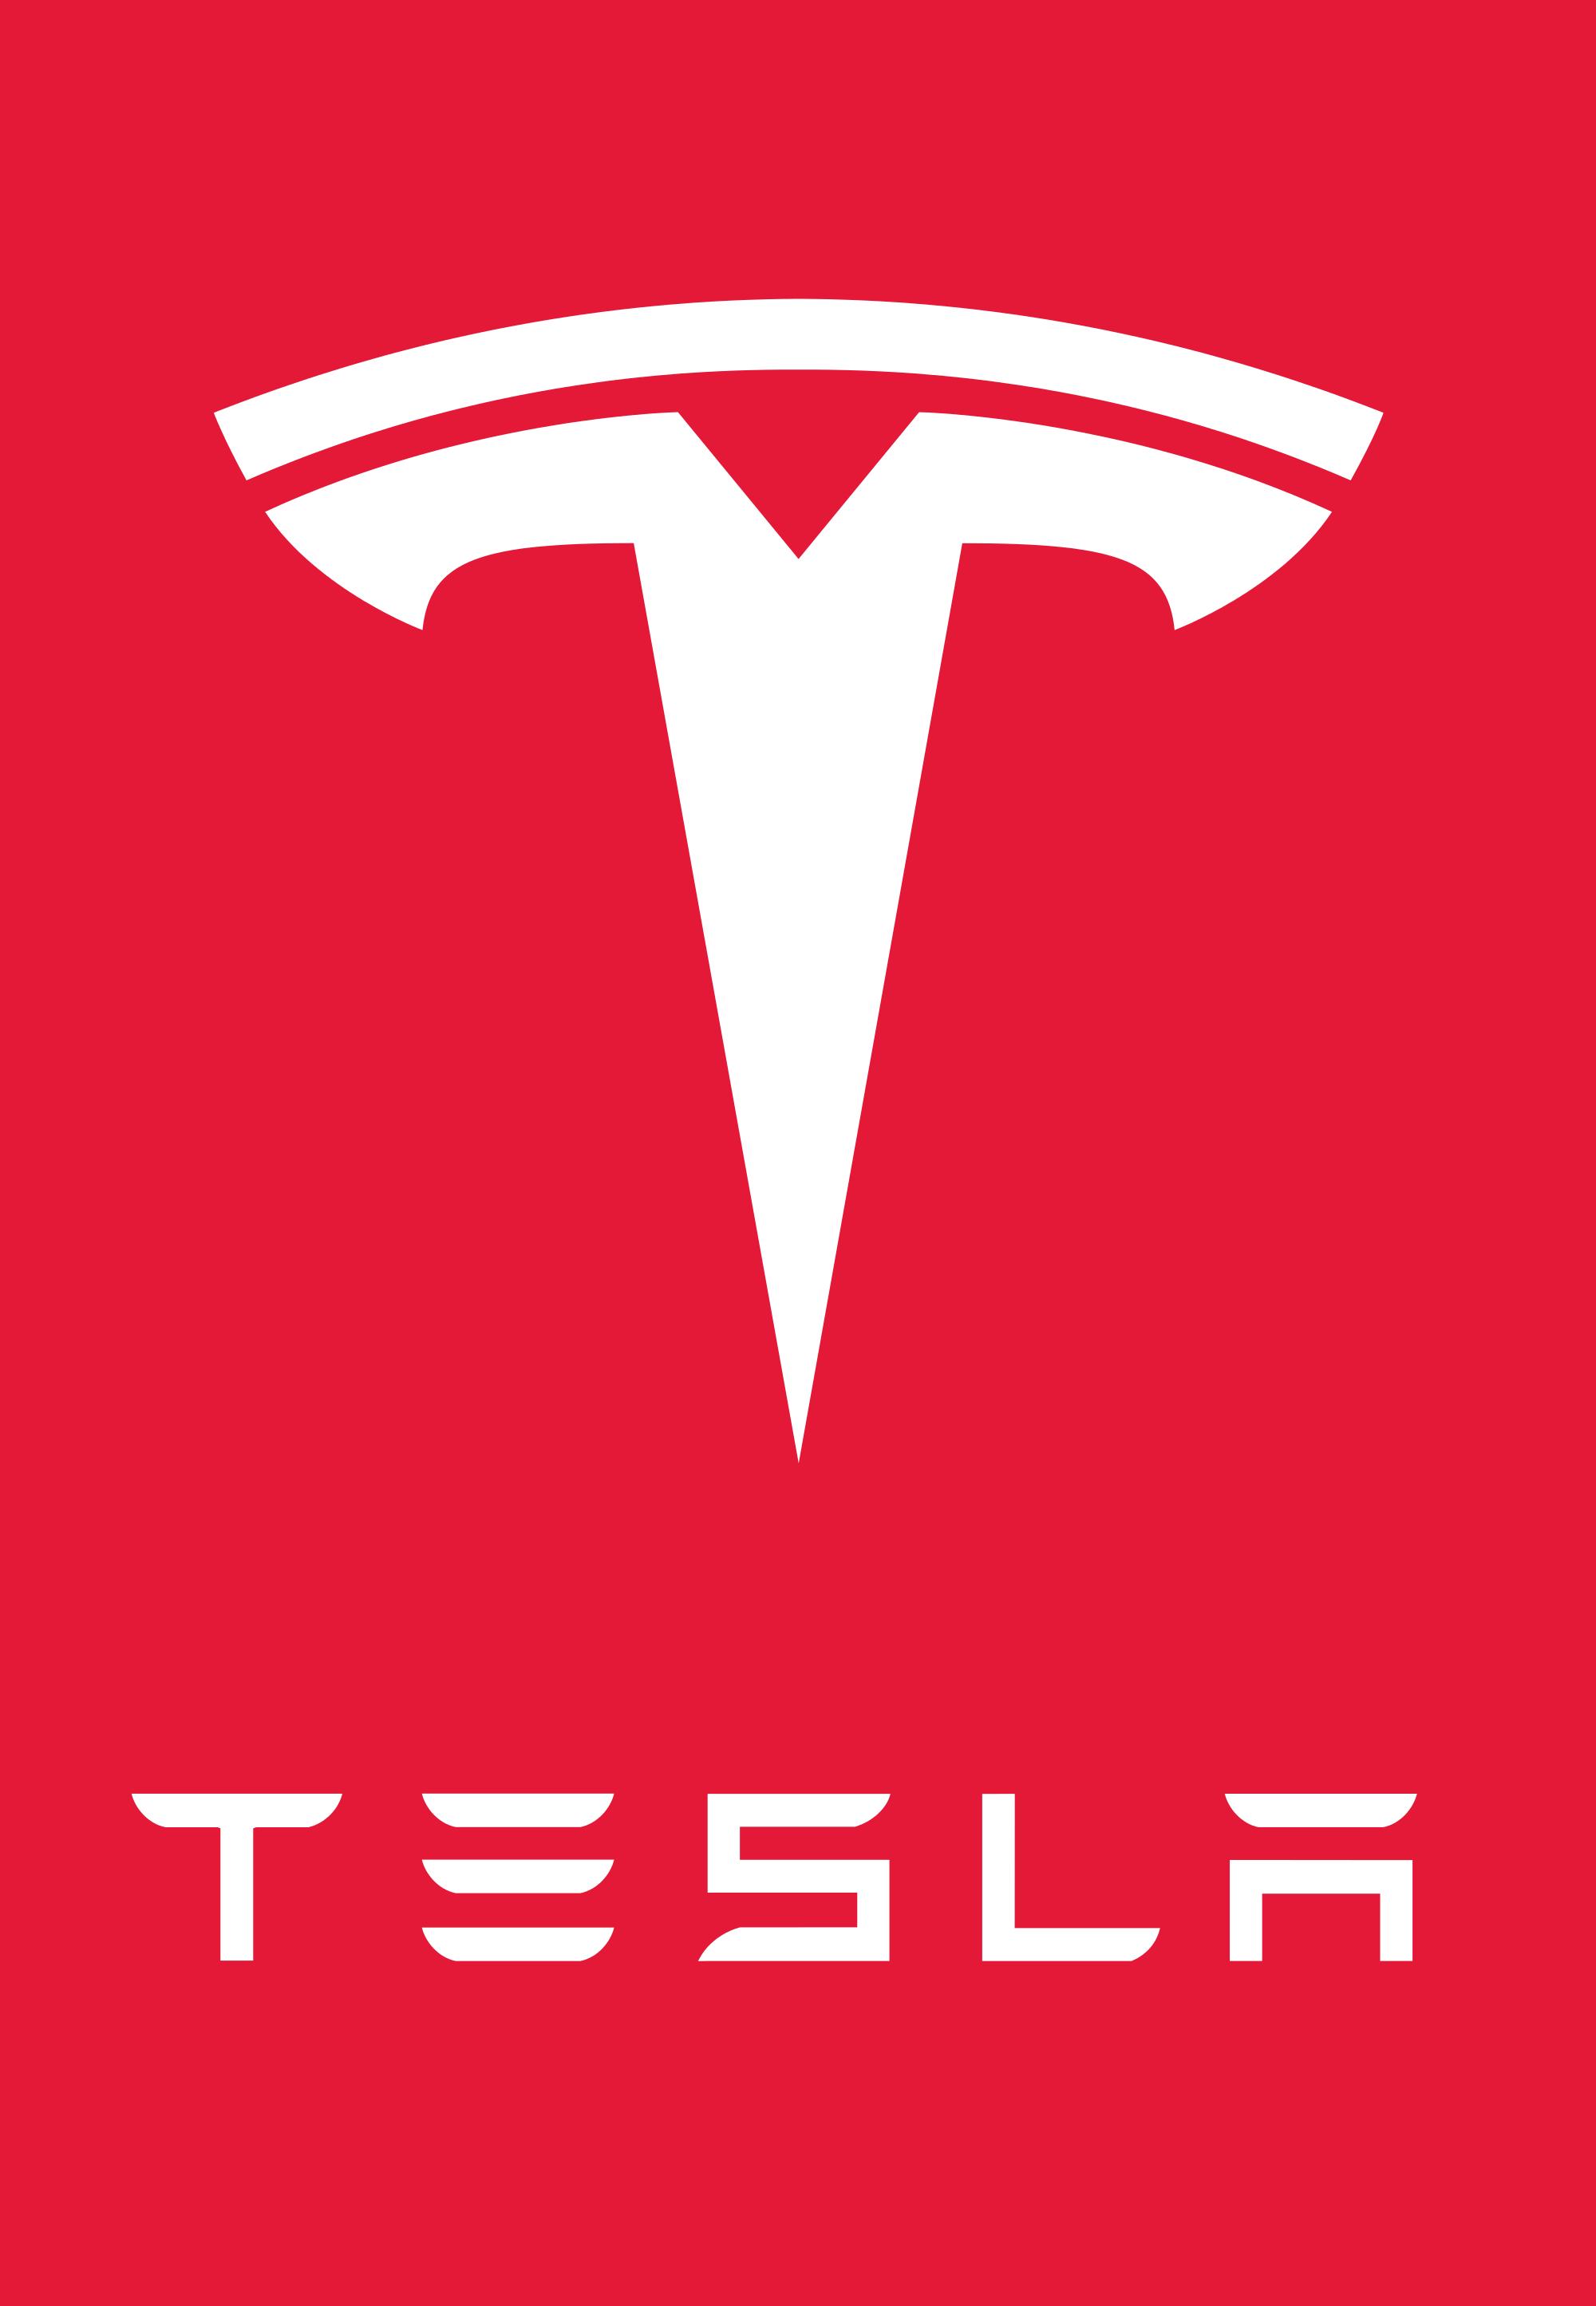 Tesla este acum cel mai valoros producator de masini din Statele Unite